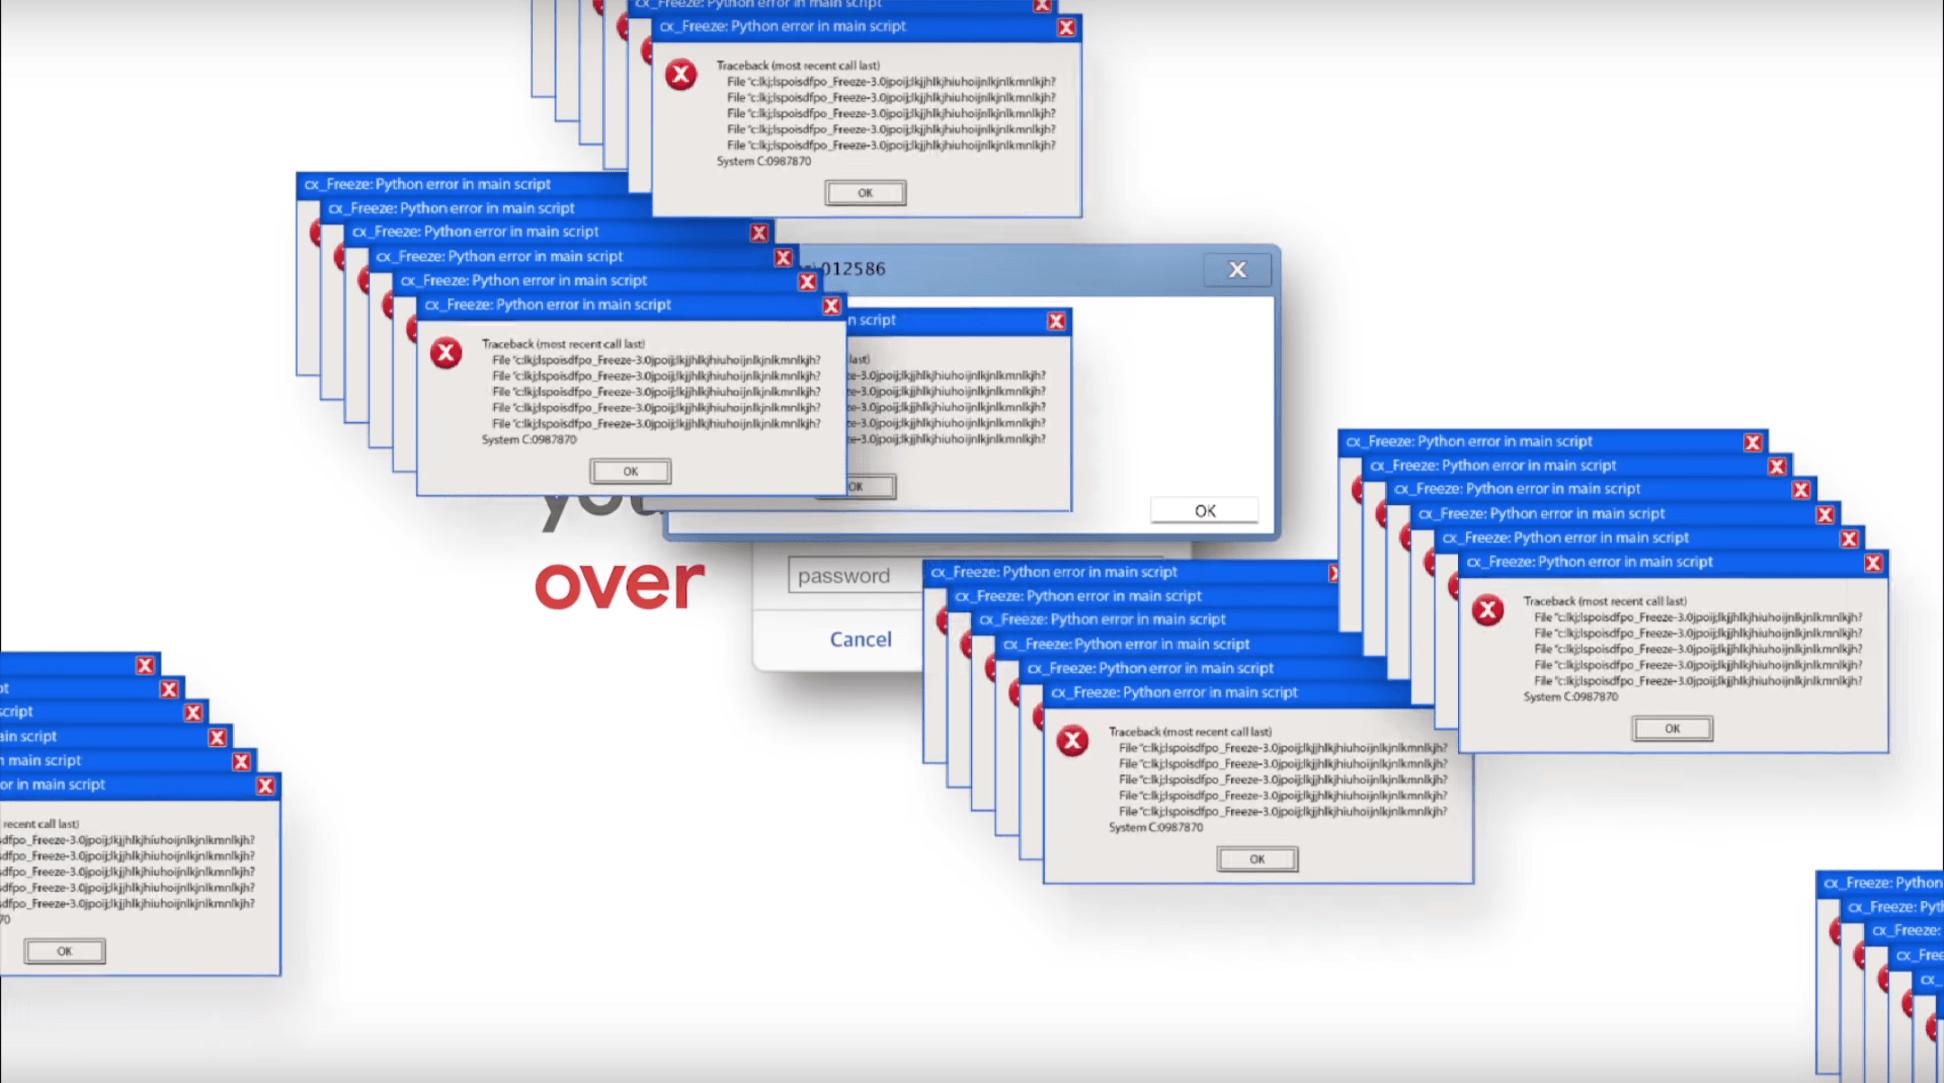 Jedna reklama Chromebooka, a tyle radości. Nie ma to jak pożartować z Windowsa i MacOS 19